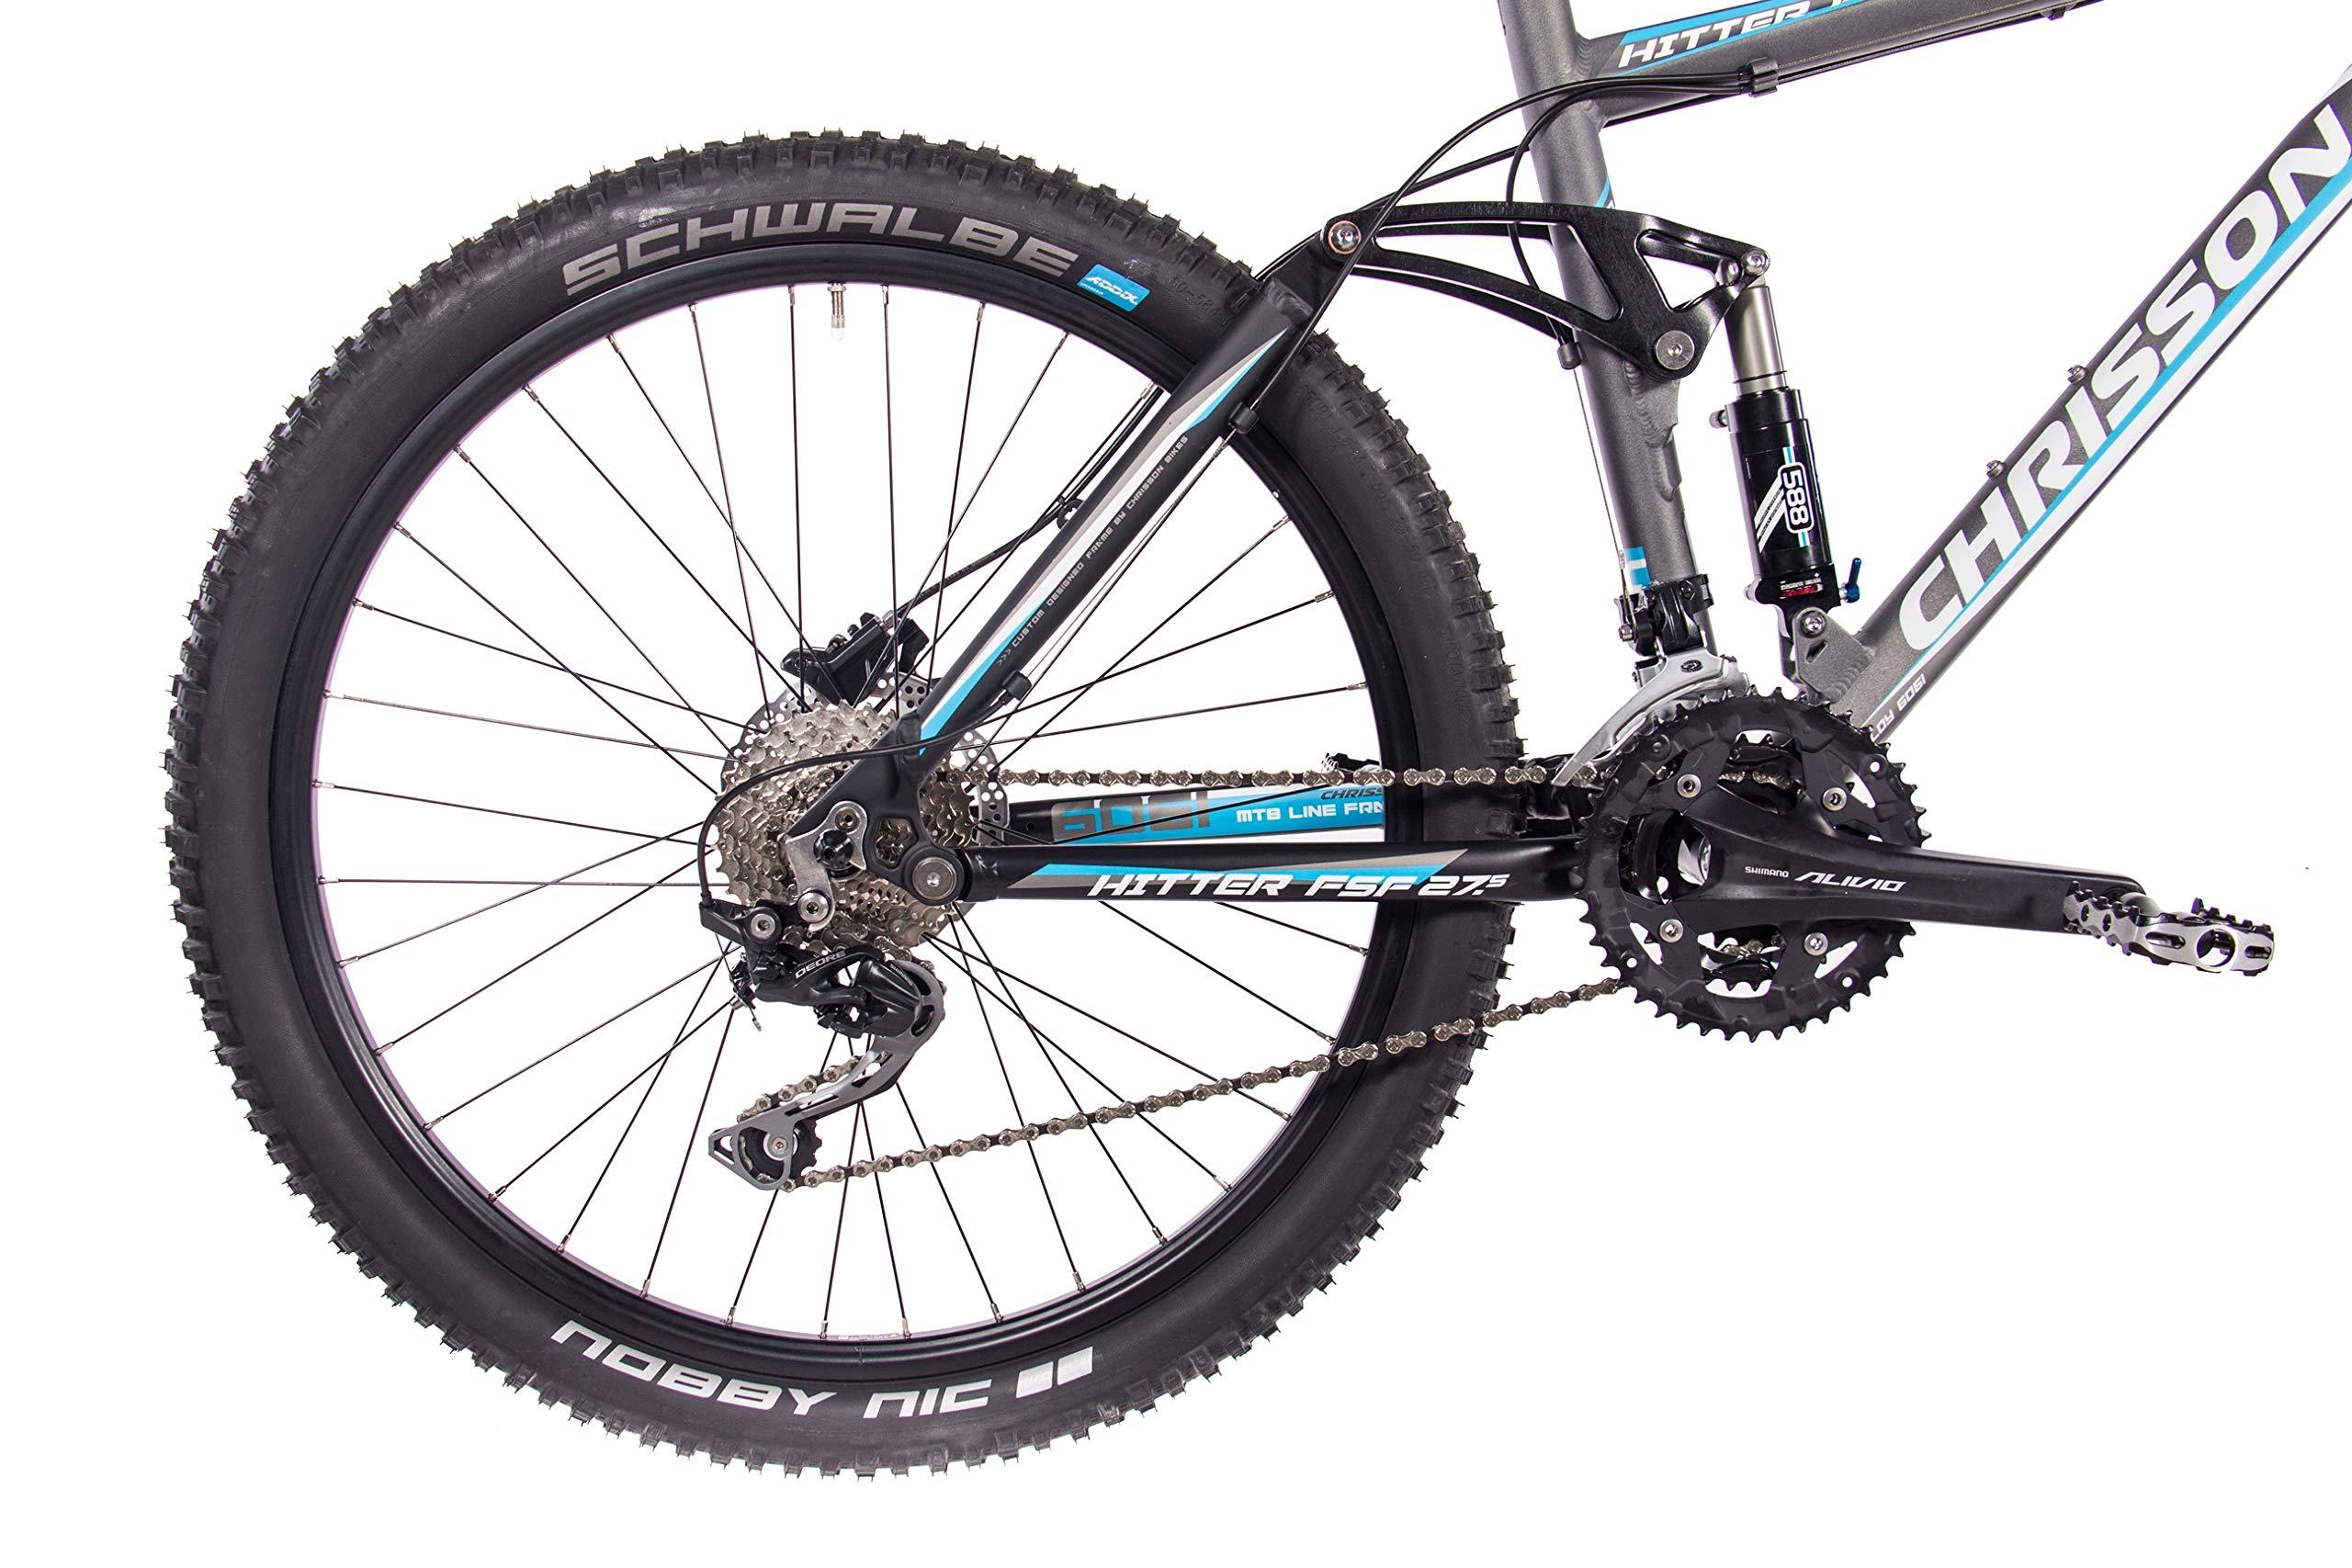 CHRISSON Bicicleta de montaña Fully de 27,5 pulgadas – Hitter FSF ...